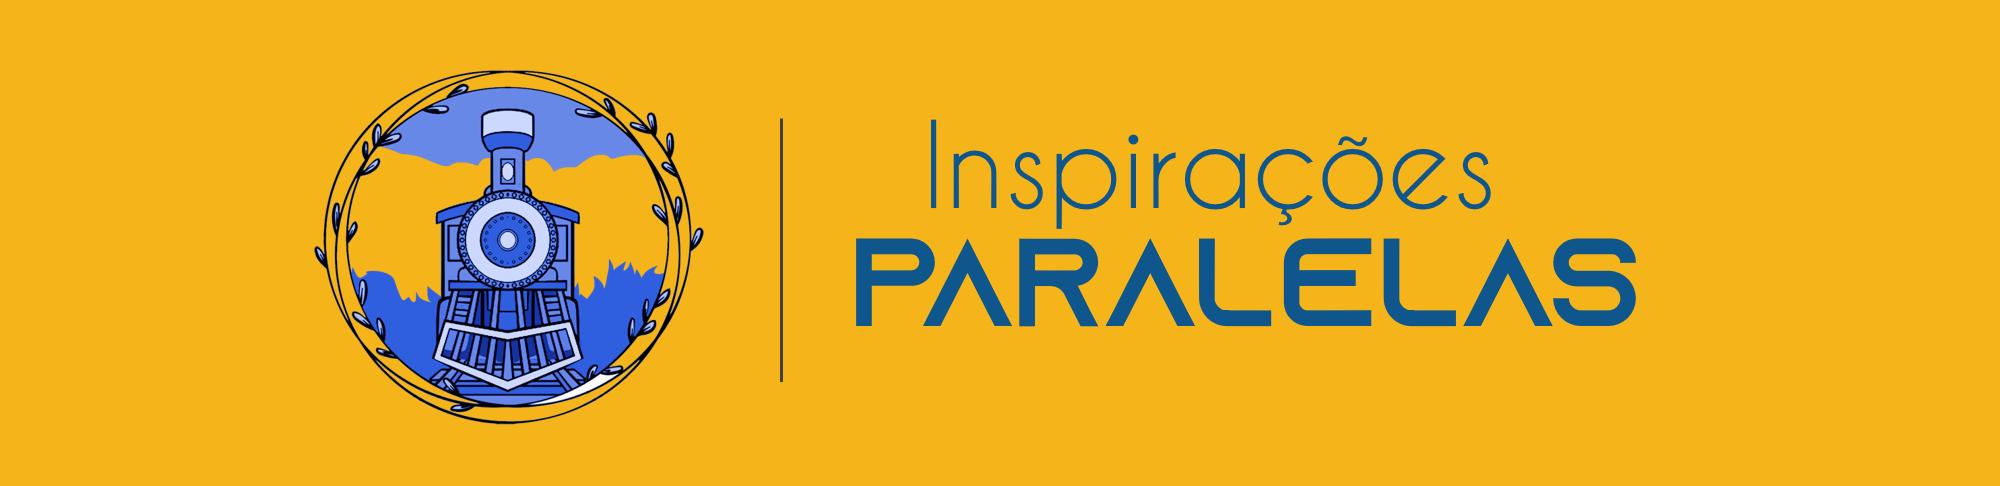 Inspirações Paralelas | Café, Ferrovia, Literatura e Poesia